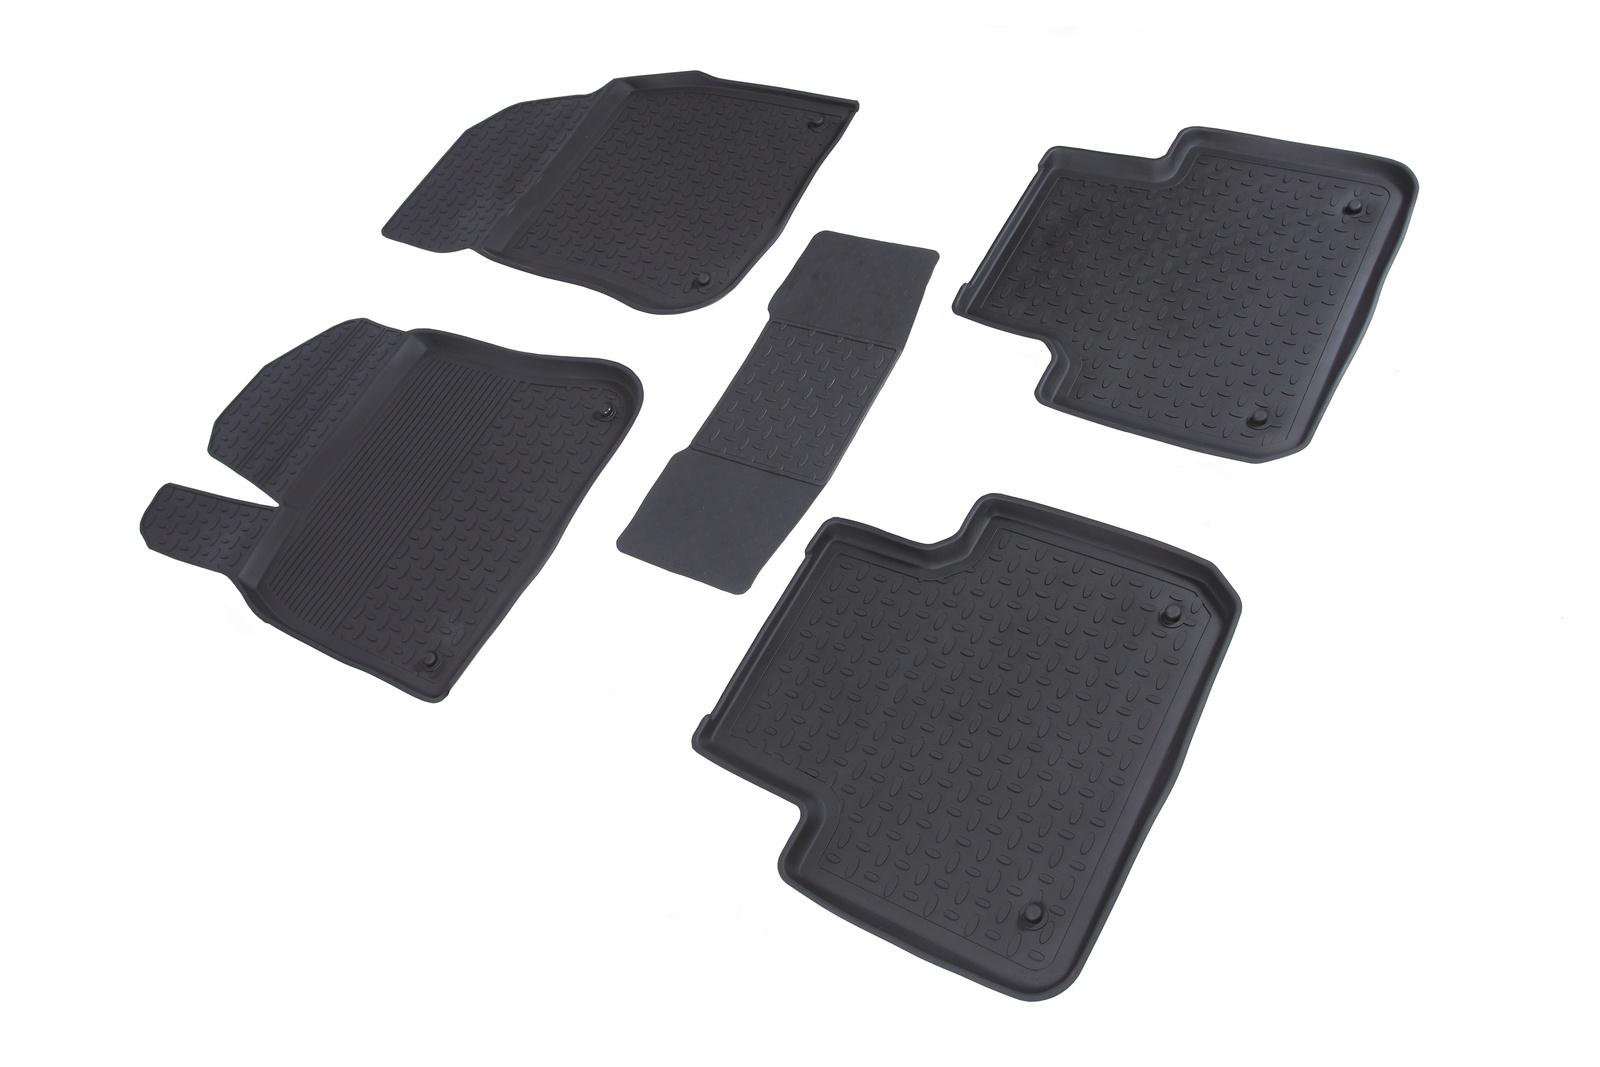 все цены на Коврики в салон автомобиля Seintex Резиновые коврики с высоким бортом для Geely Emgrand X7 2013-н.в. онлайн